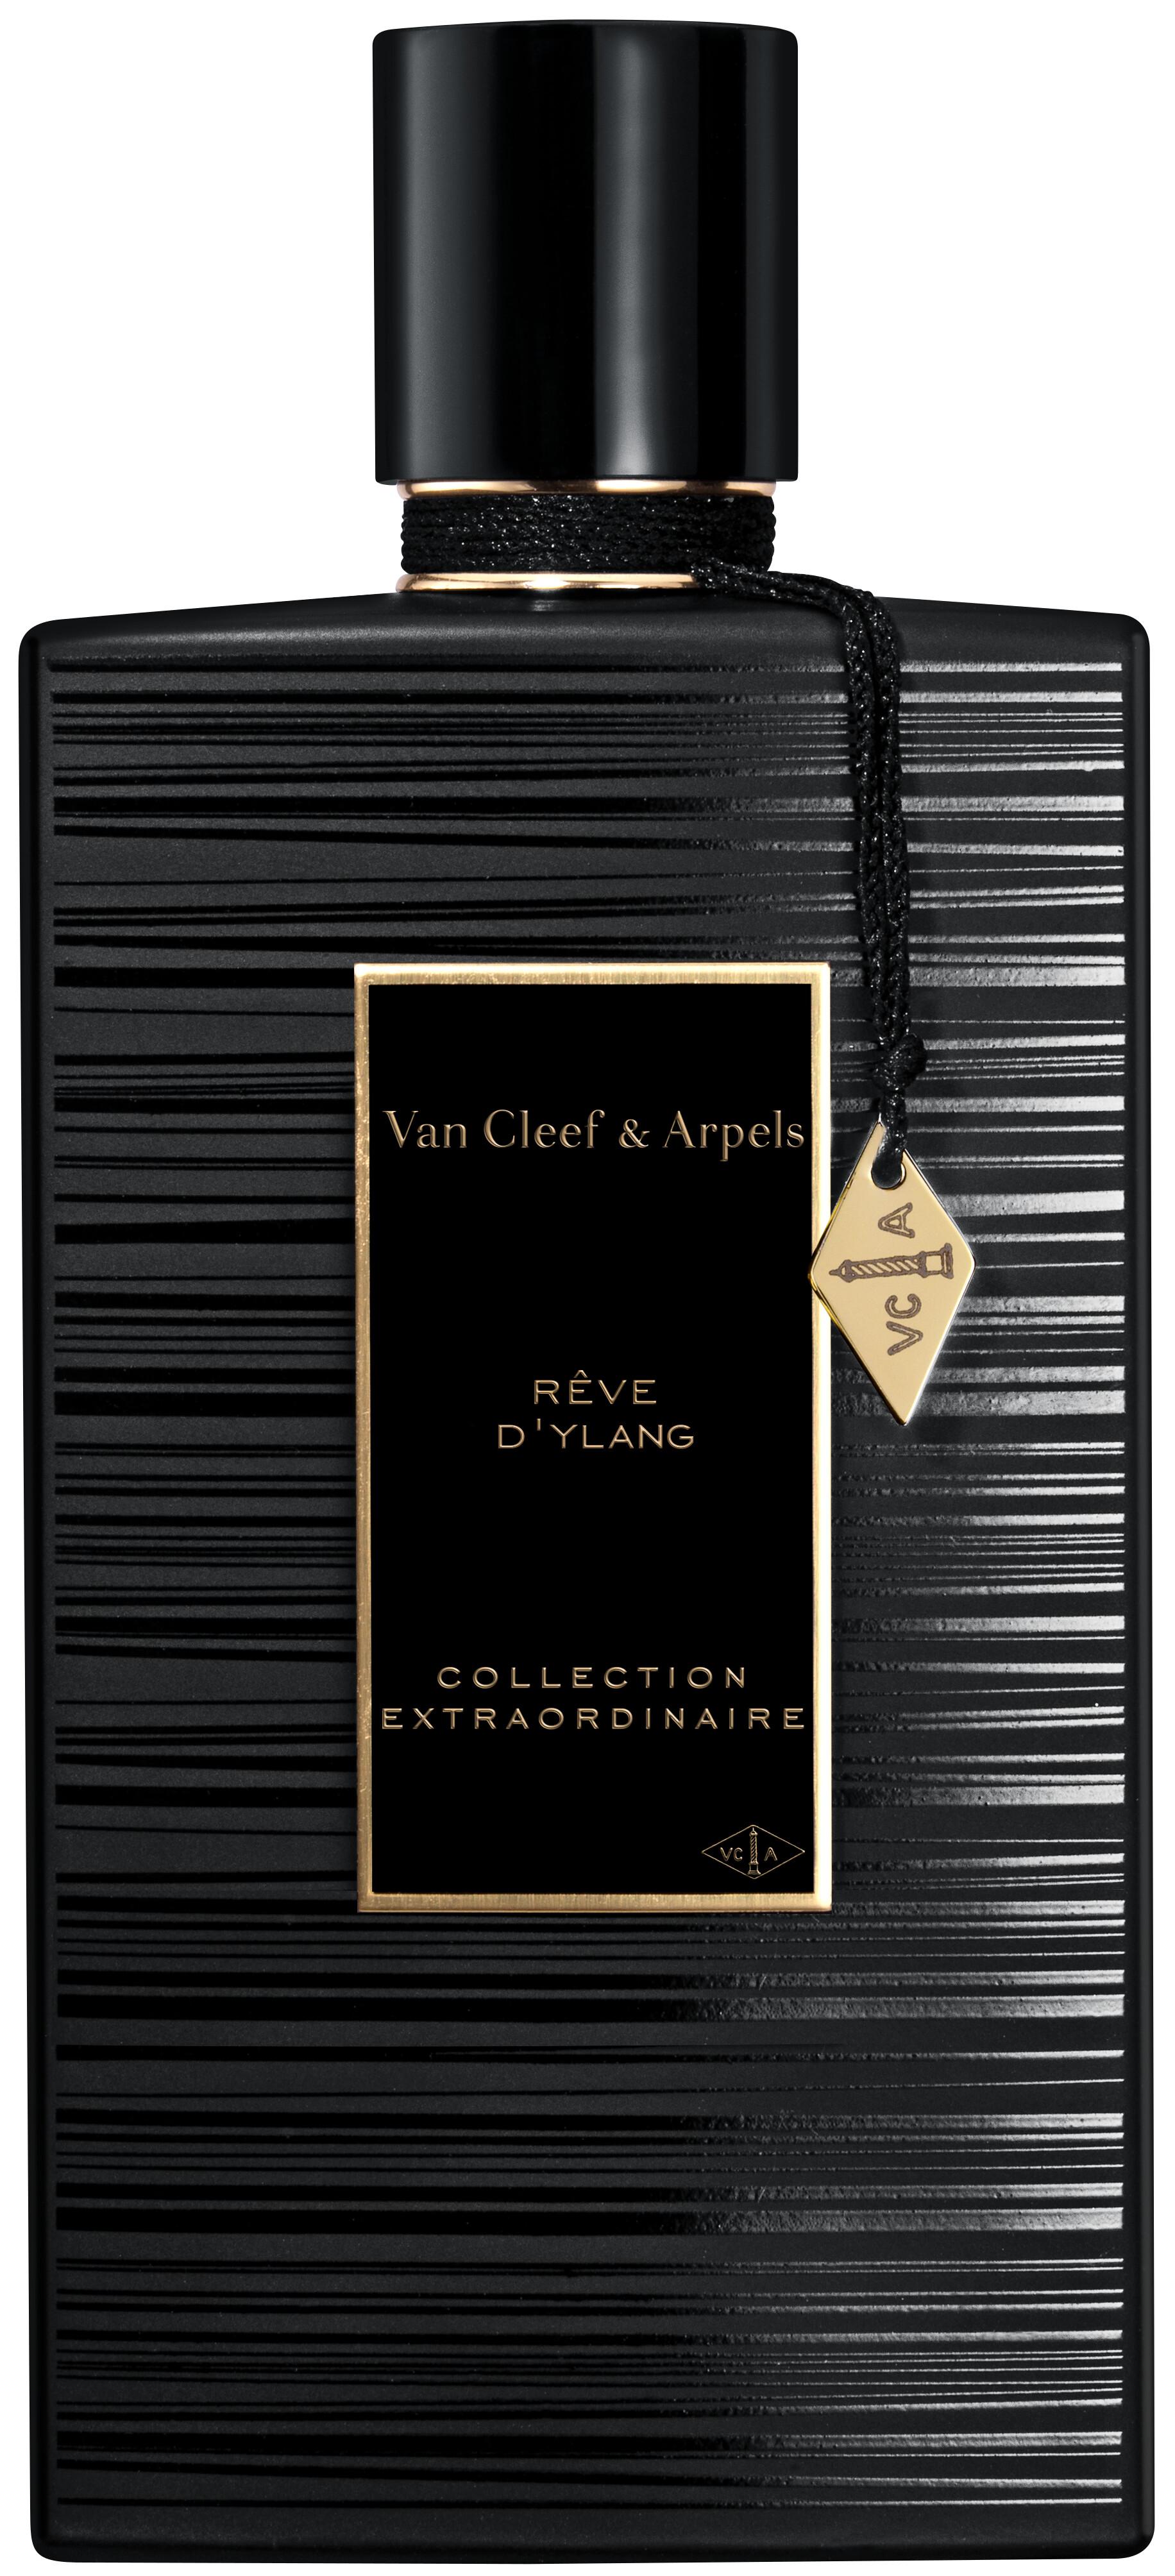 van cleef arpels collection extraordinaire reve d ylang eau de parfum spray 125ml